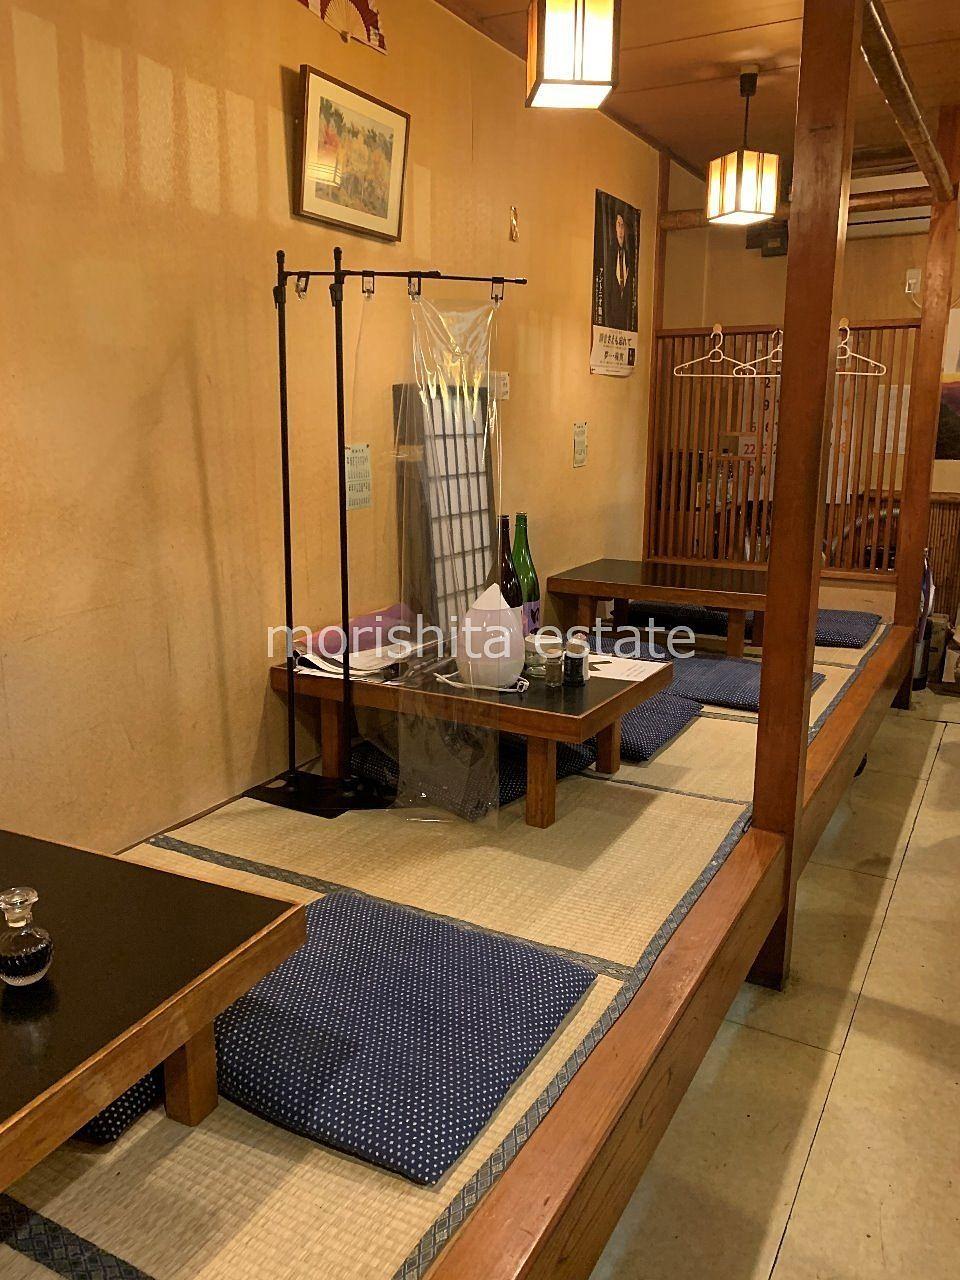 大島 西大島 寿司 リーズナブル 三恵鮨 店内写真